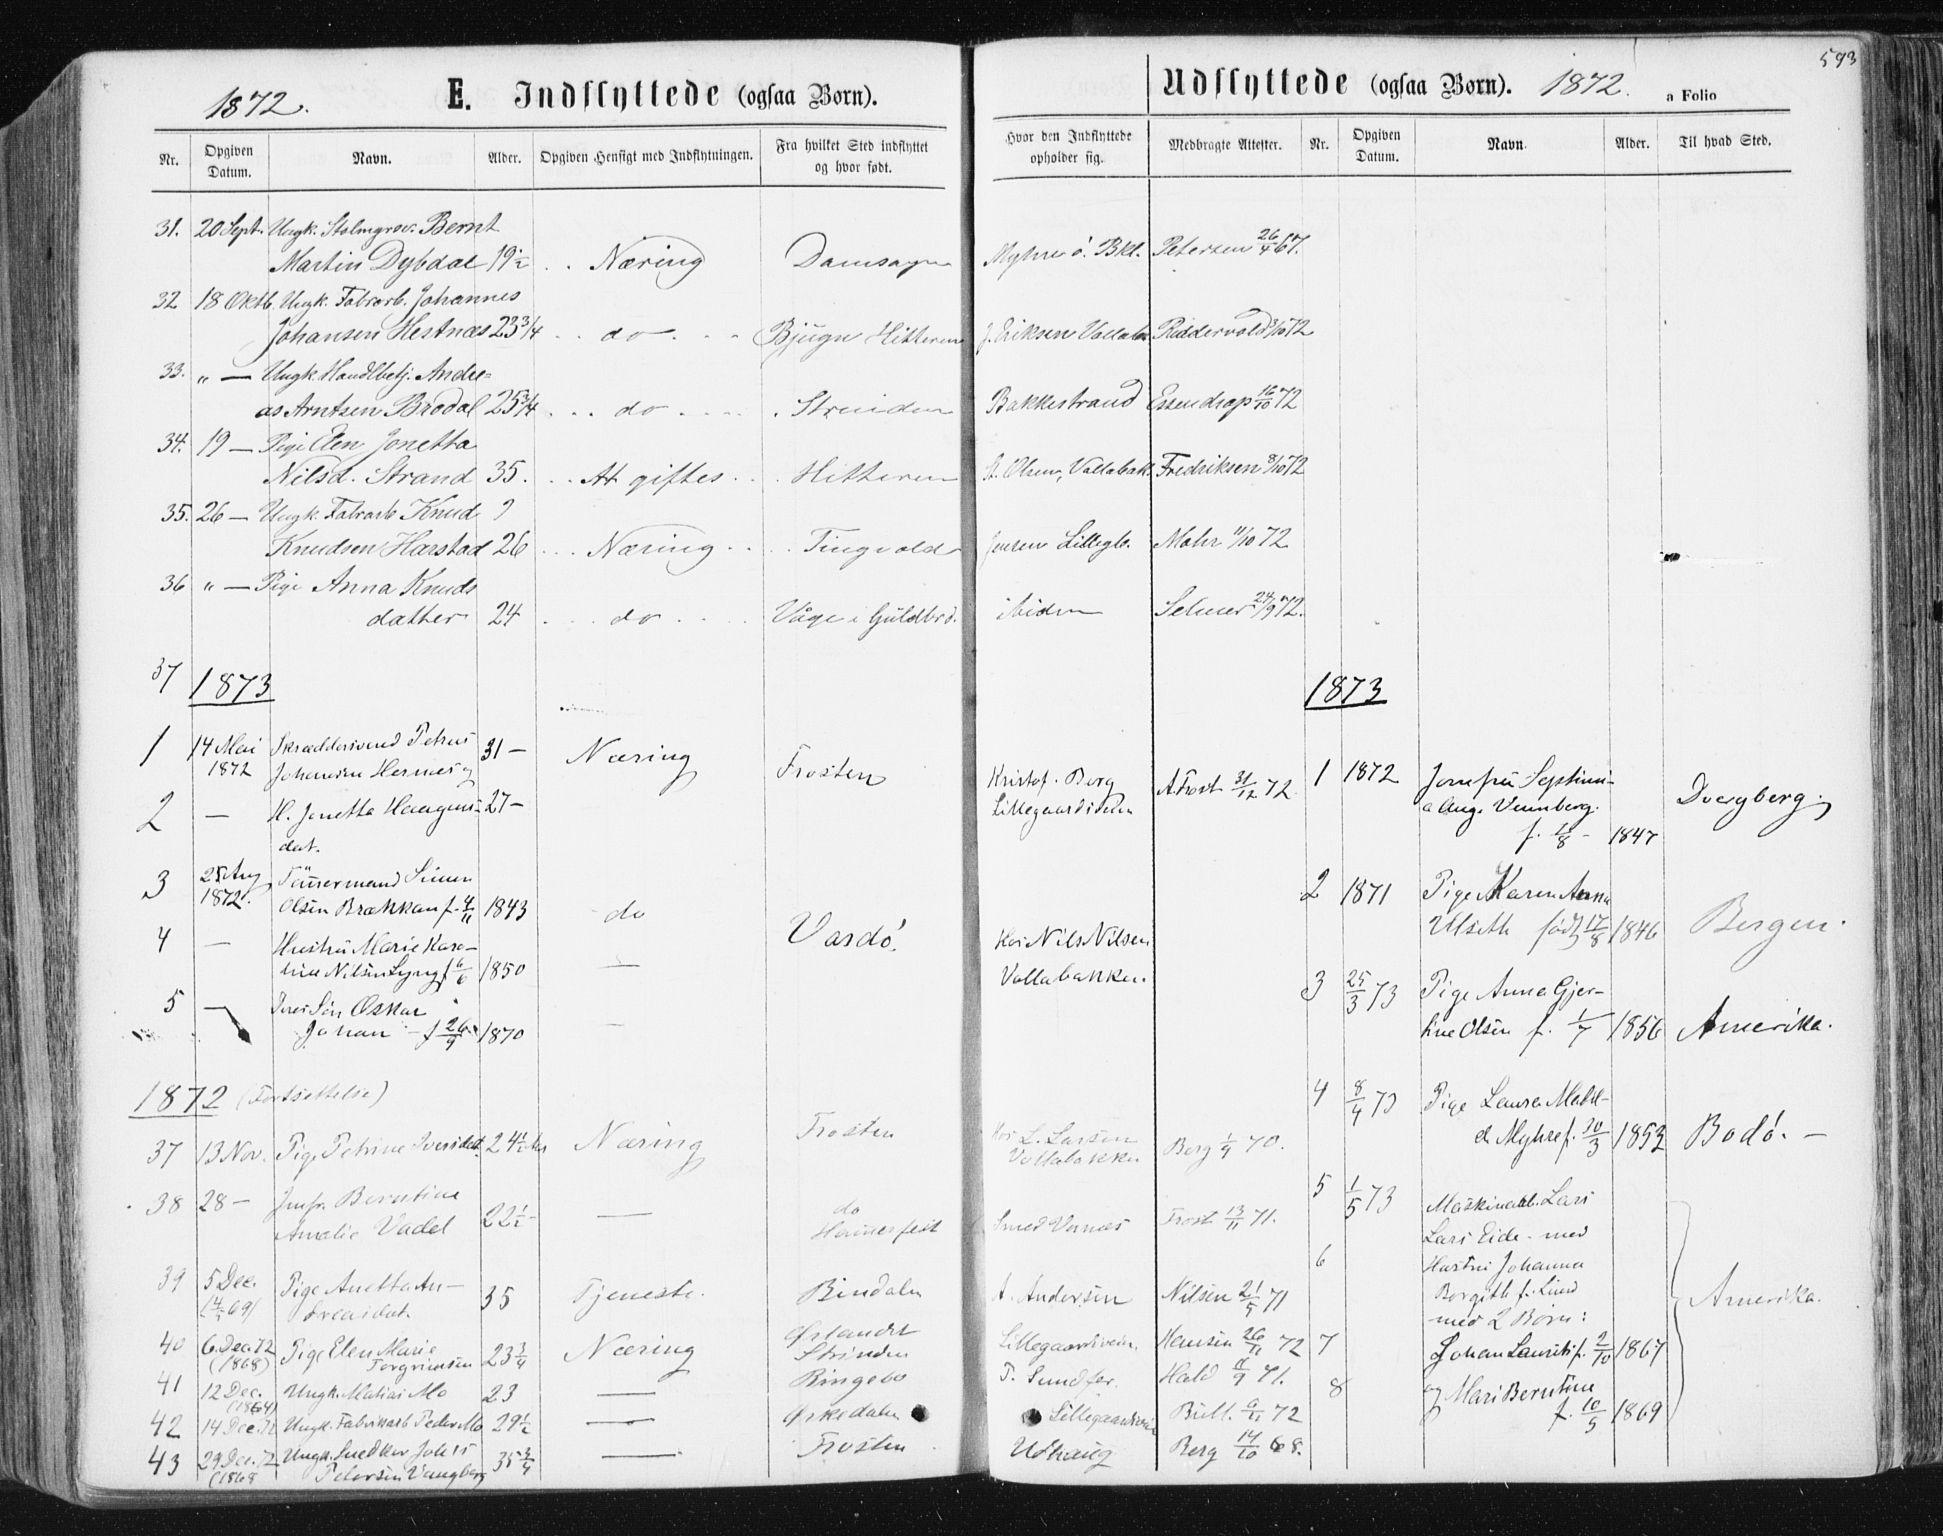 SAT, Ministerialprotokoller, klokkerbøker og fødselsregistre - Sør-Trøndelag, 604/L0186: Ministerialbok nr. 604A07, 1866-1877, s. 593